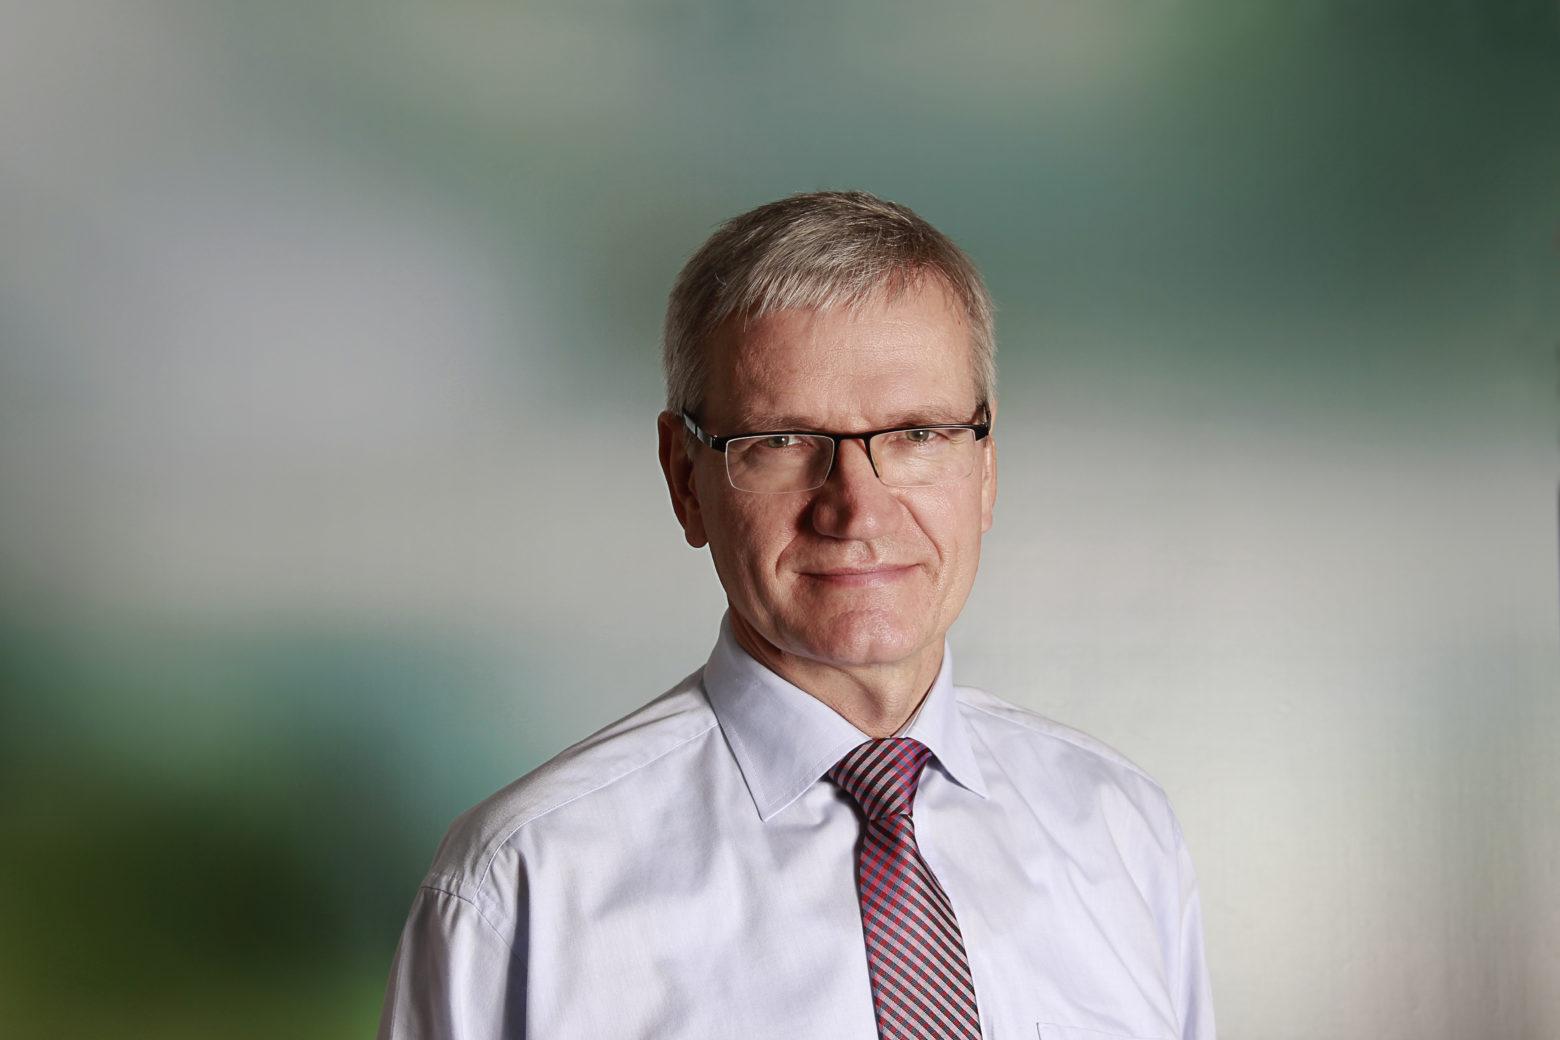 Wir stellen vor: Professor Dr. med. Gerd Horneff – Direktor Kinderklinik und 1. Vorsitzender des VFK e.V.